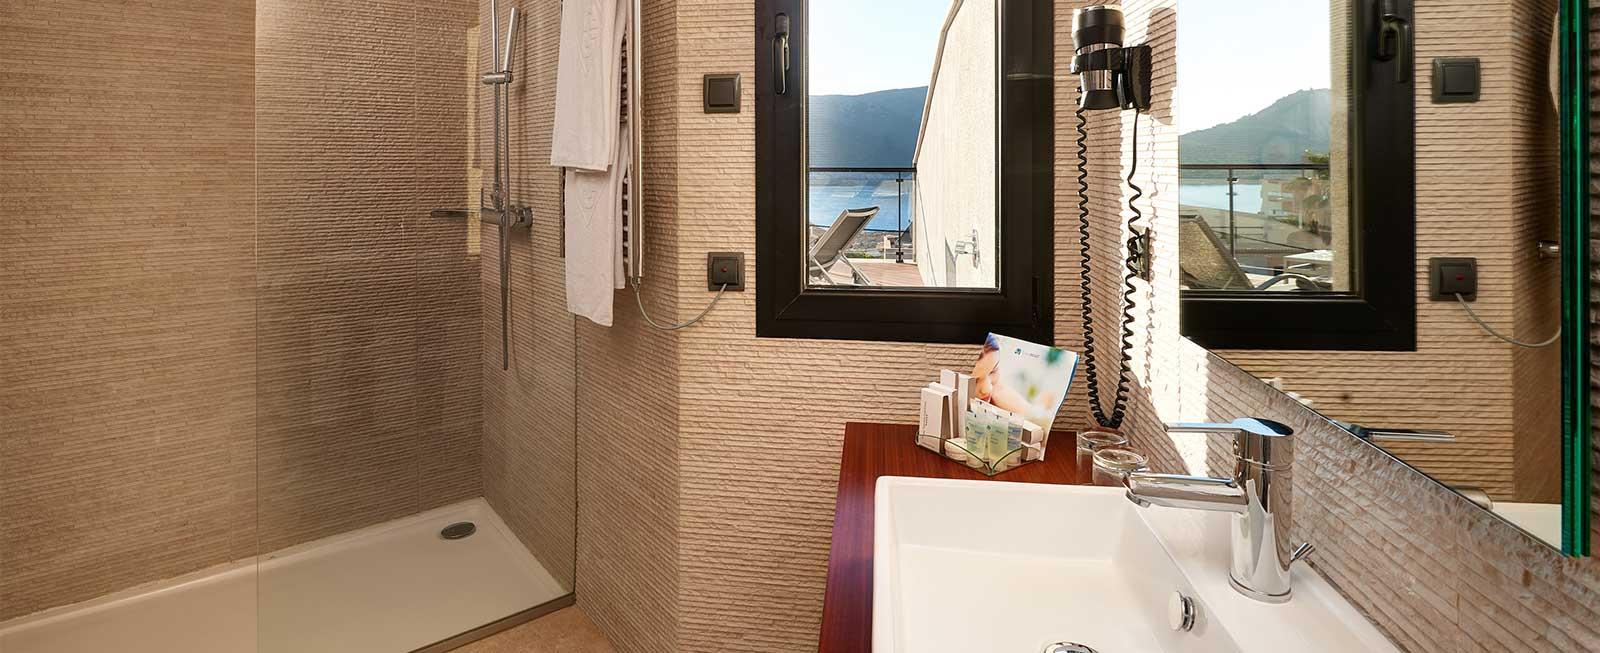 Junior Suite Protur Turo Pins Hotel Spa Cala Rajada